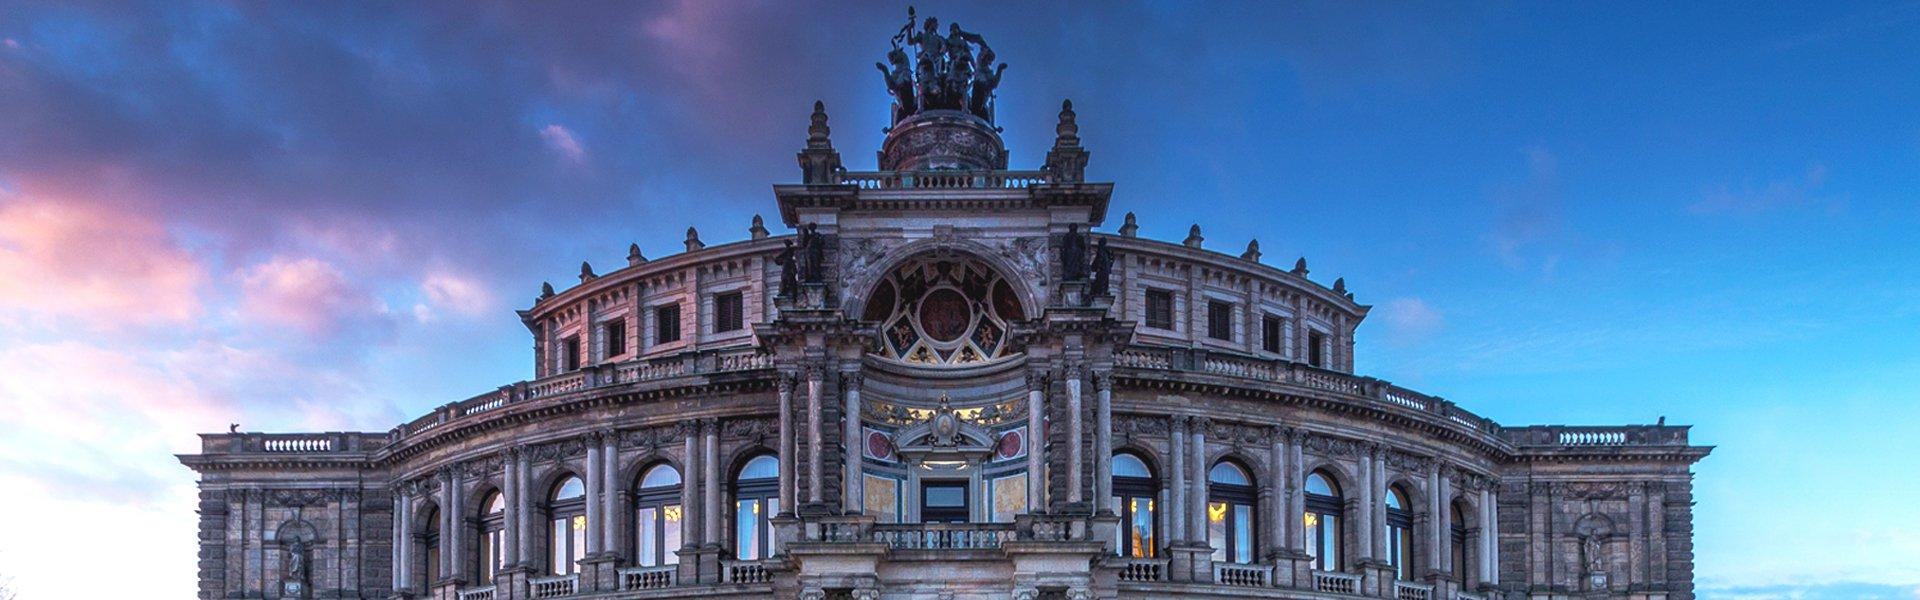 Semperoper in Dresden, Duitsland